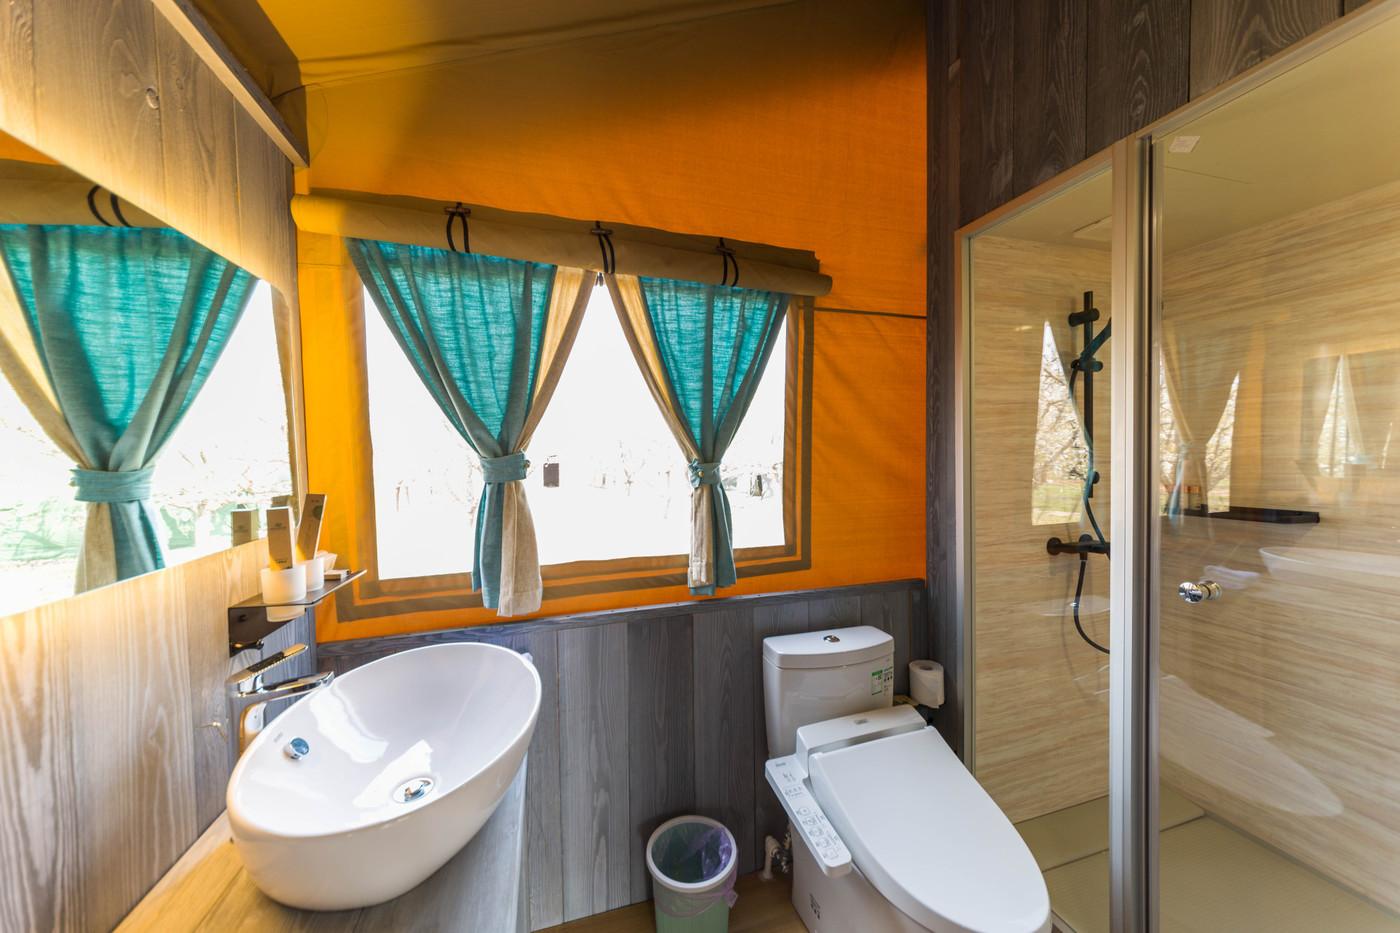 喜马拉雅野奢帐篷酒店—安徽砀山东篱蓬芦梨园帐篷酒店26